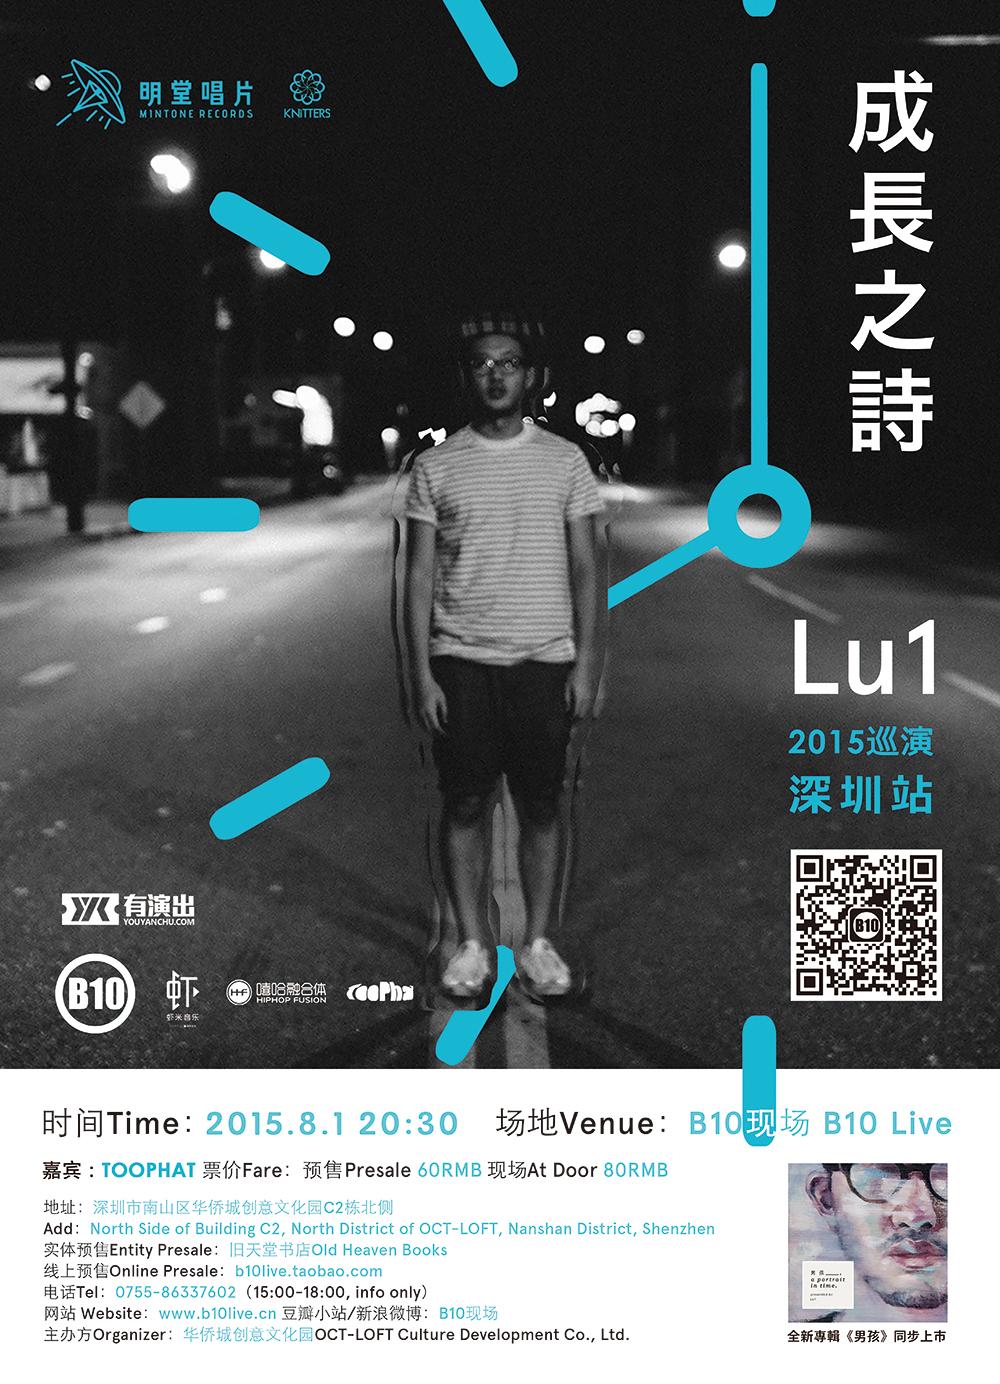 【海报】0801 Lu1 小.jpg